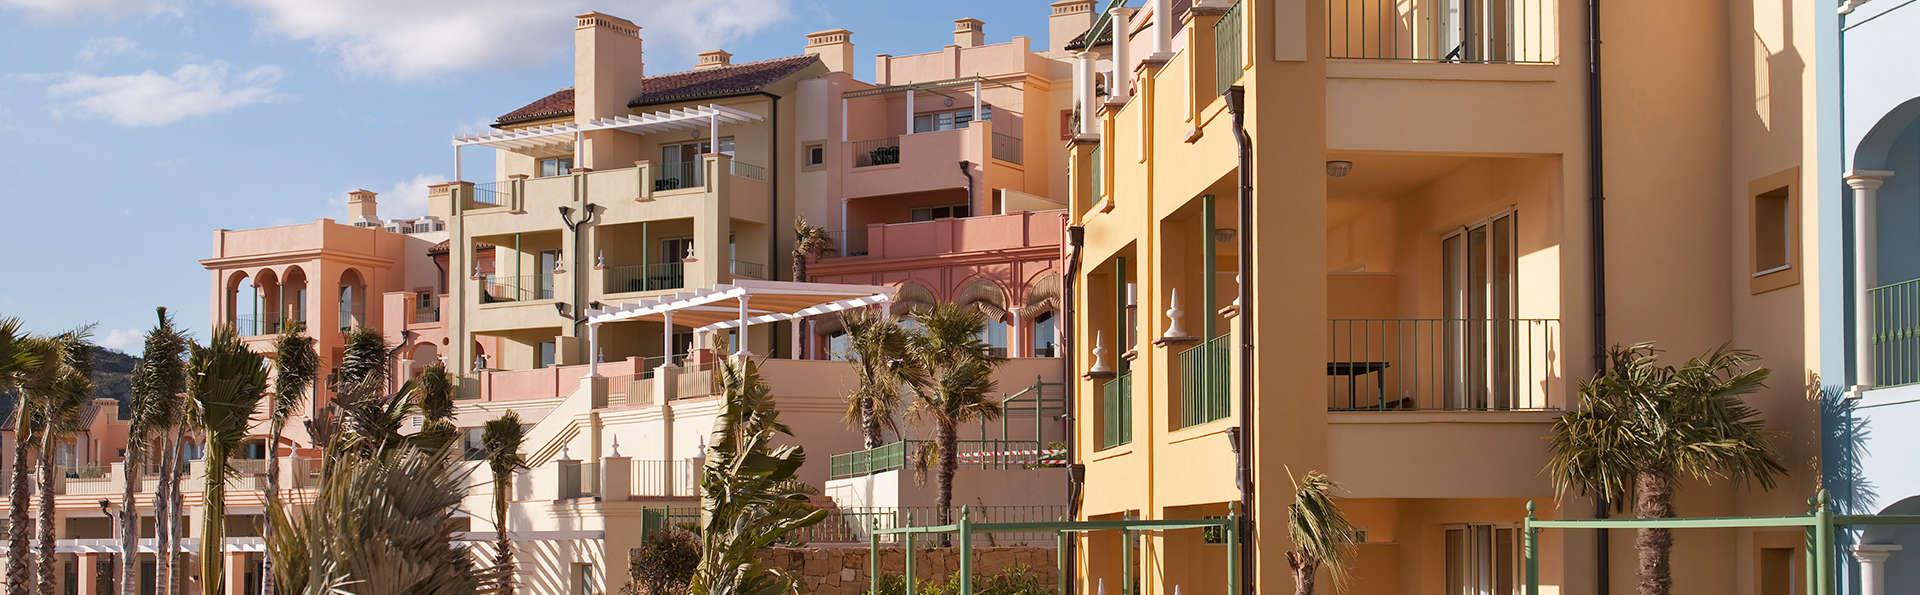 Pierre & Vacances Terrazas Costa del Sol - Edit_Ext.jpg